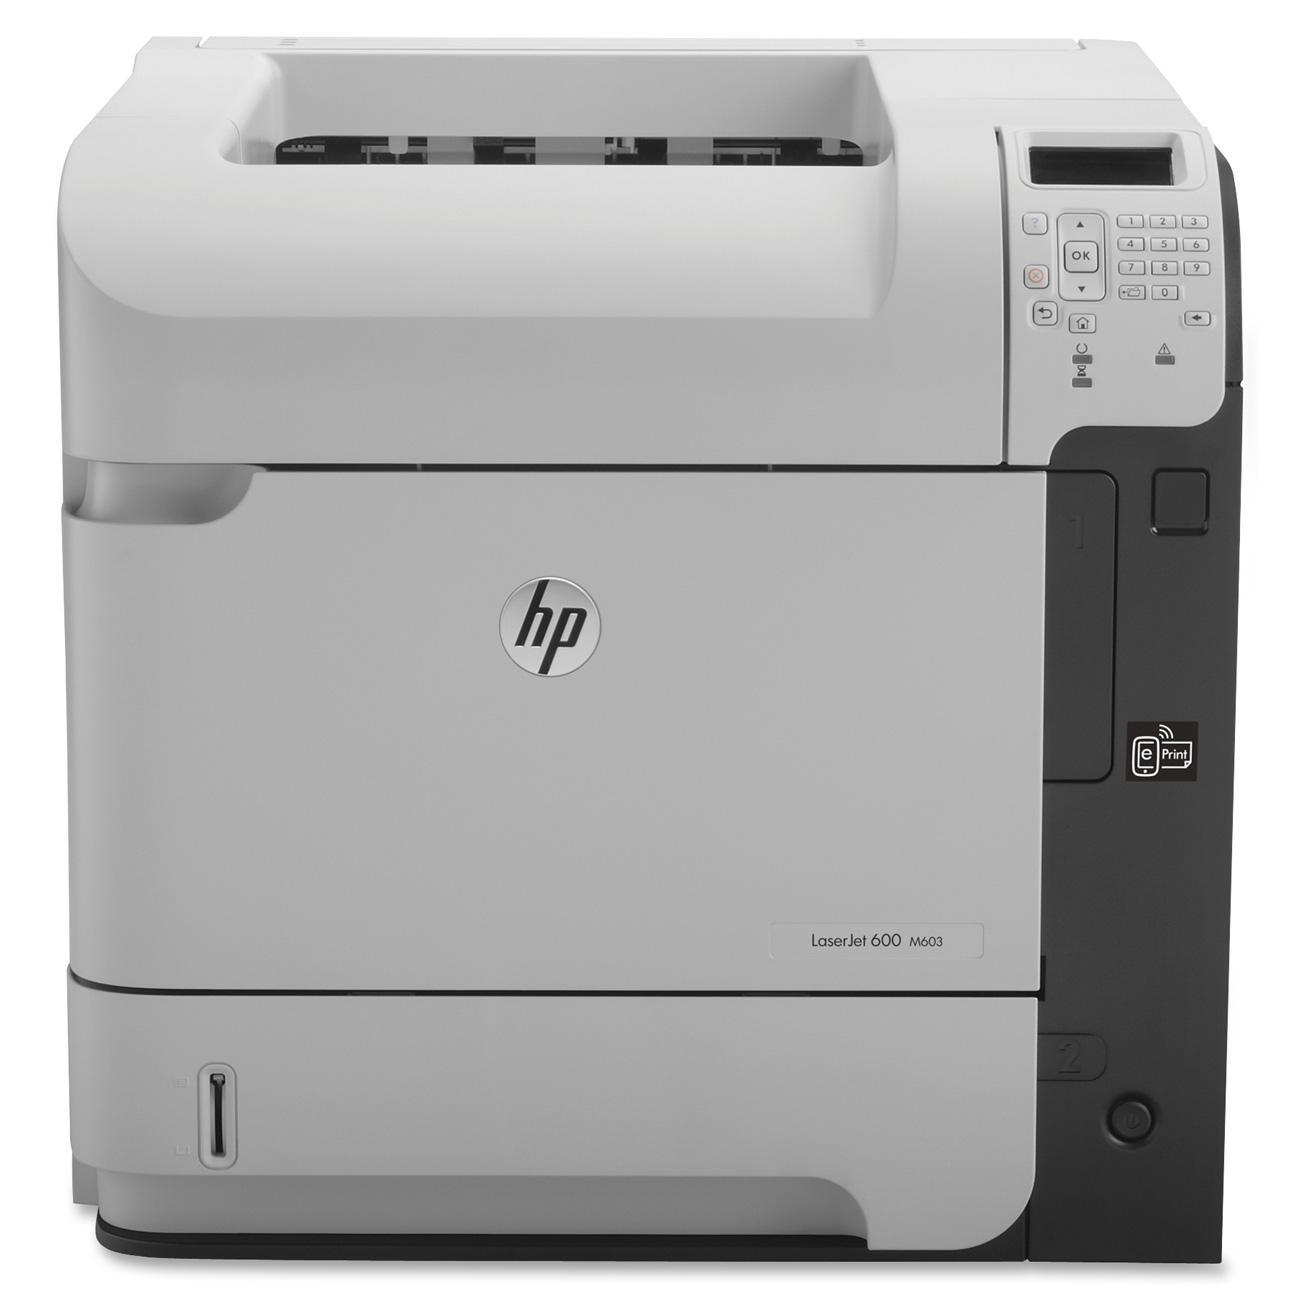 """HP LaserJet 600 M603N Laser Printer - Monochrome - 1200 x 1200 dpi Print - Plain Paper Print - Desktop - 62 ppm Mono Print - C6 Envelope, A4, A5, A6, B6 (JIS), B5 (JIS), 16K, Executive JIS, RA4, Letter, ... - 4.49"""", 8.27"""", 5.83"""", 4.13"""", 3.94"""", 8.50"""", ... 0"""